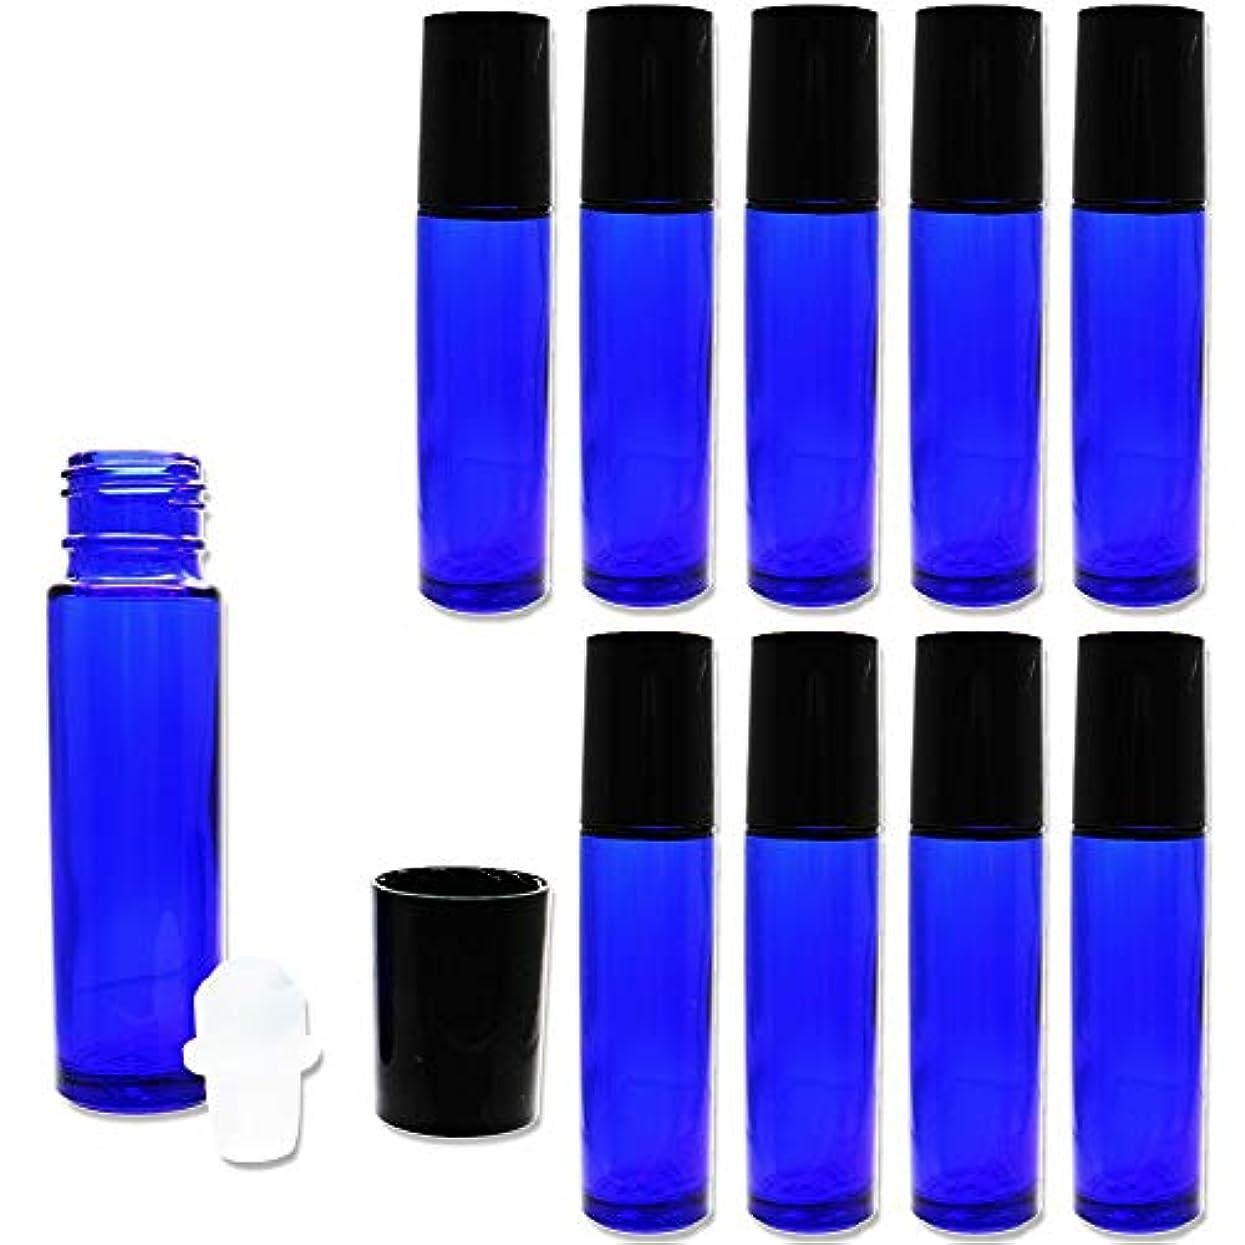 依存する戸口面積10本セット 10ml ロールオンボトル アロマオイル ガラスロール 遮光瓶 詰め替え